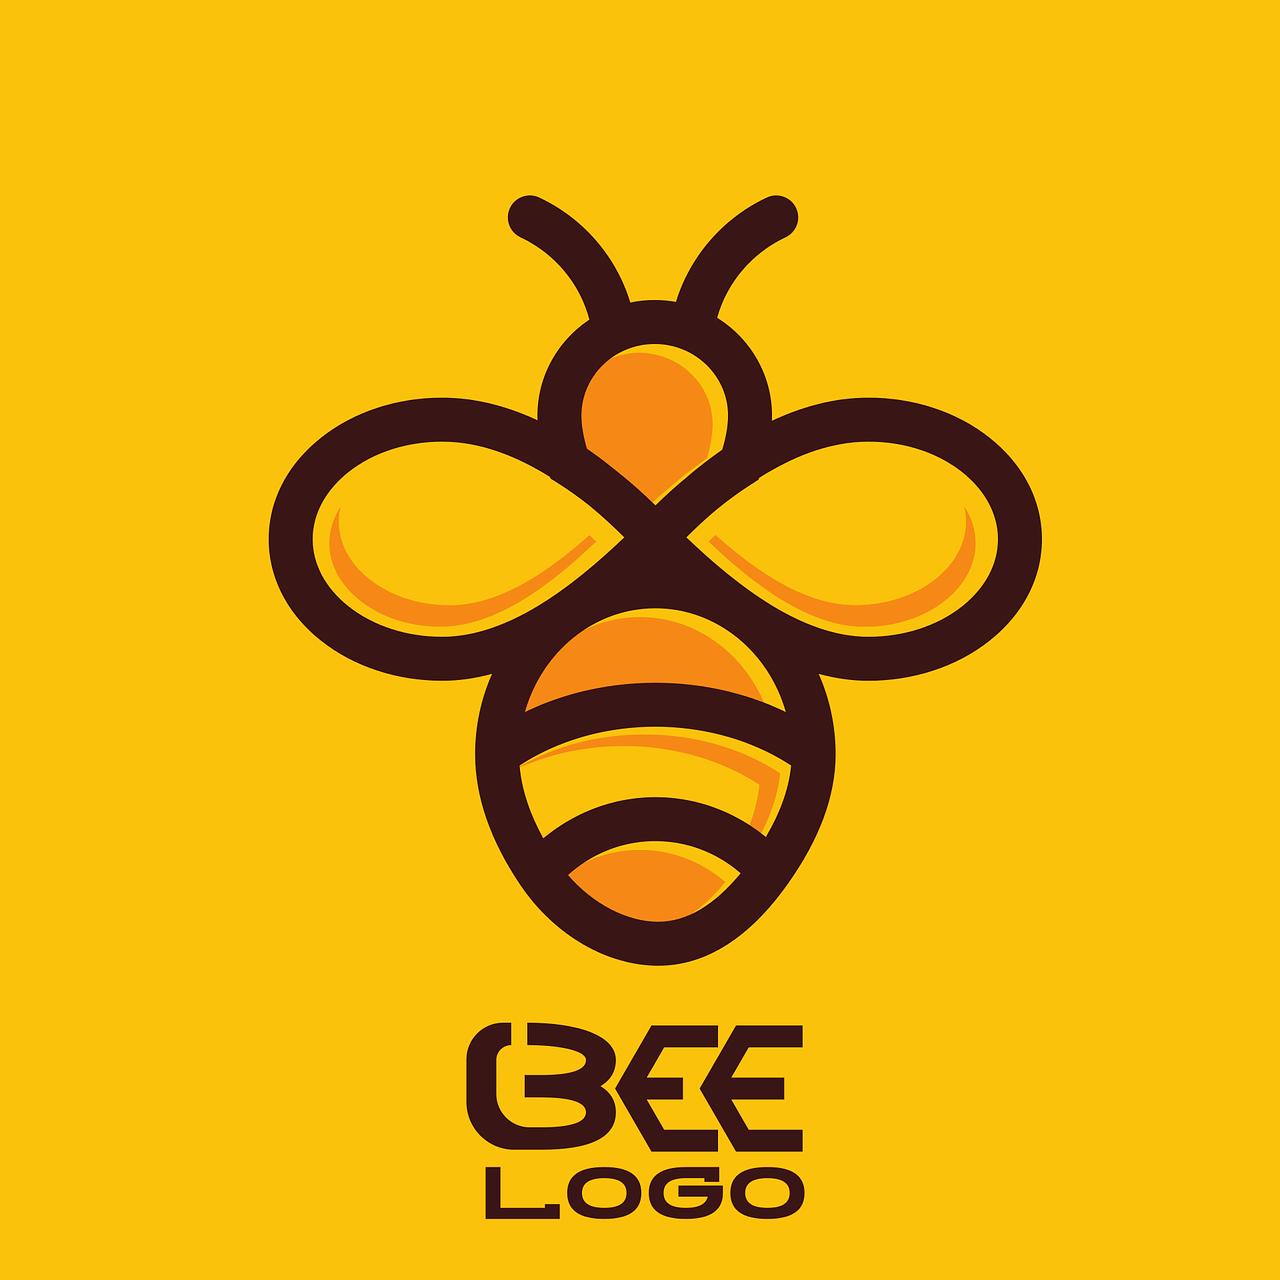 Créer un logo professionnel qui correspond à votre société et à son image